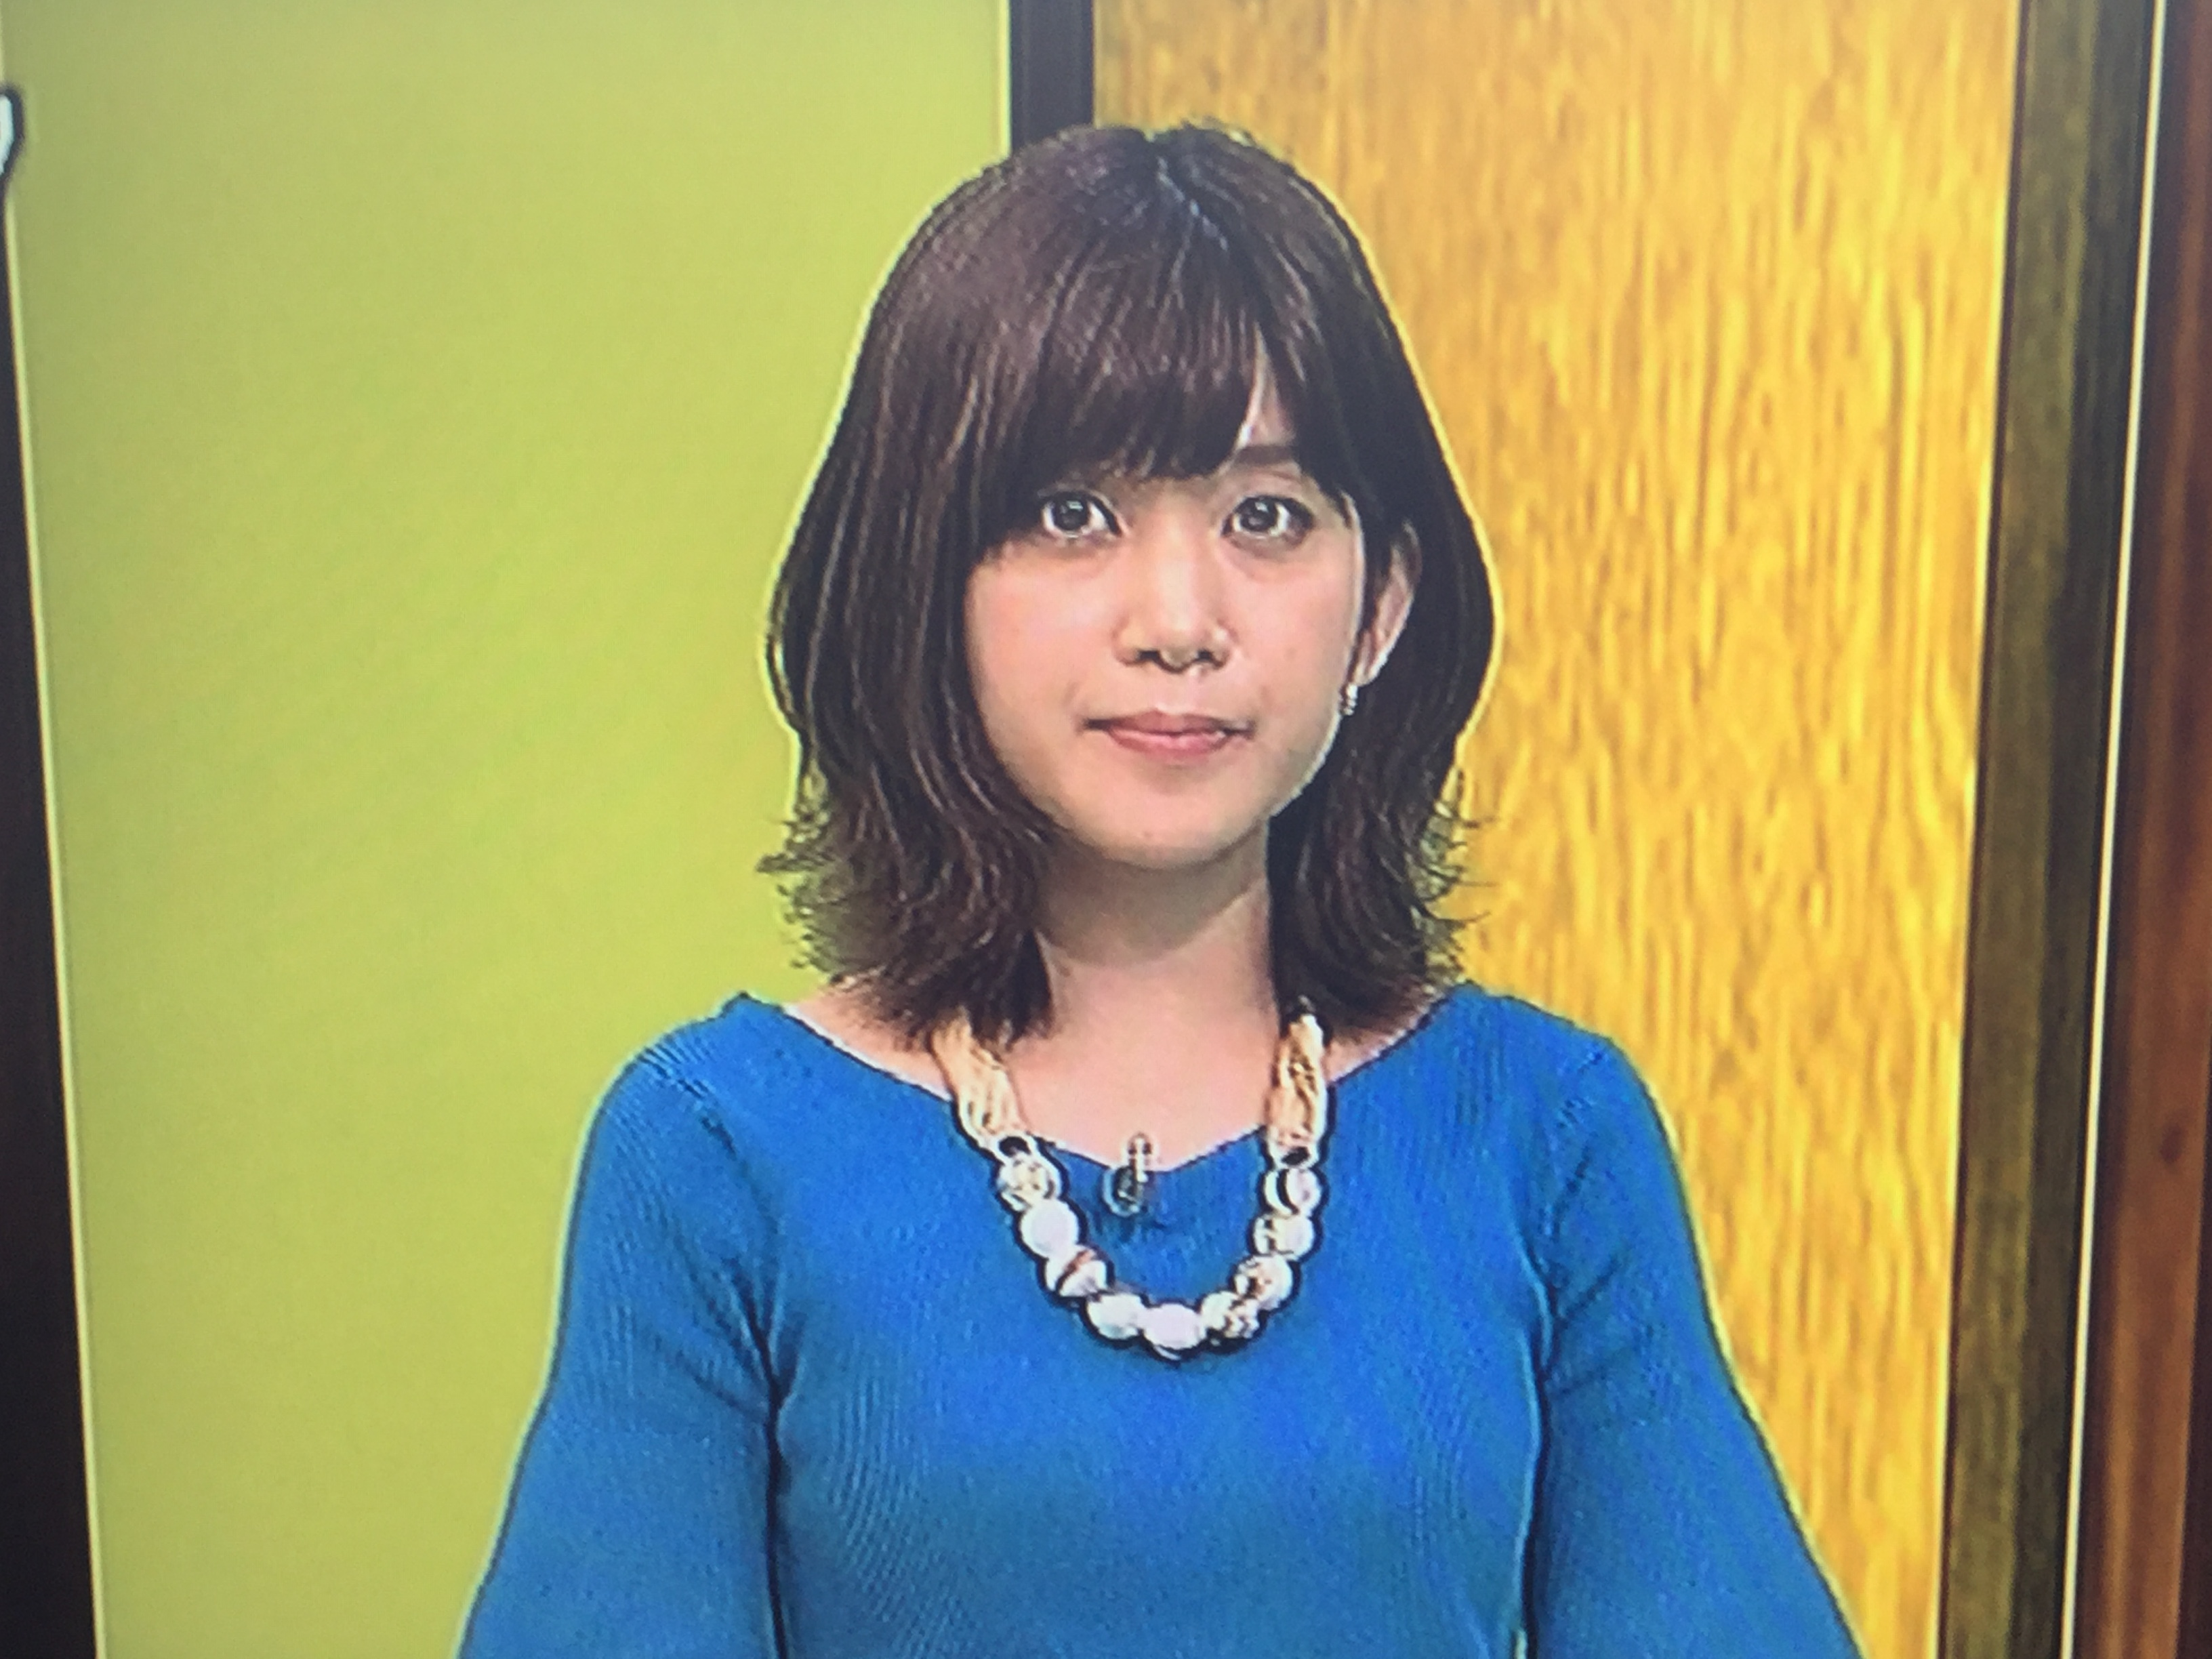 明子 合原 合原明子アナ(NHK)の身長や年齢やカップは?髪型やミニスカ画像がかわいい!結婚した旦那は誰?